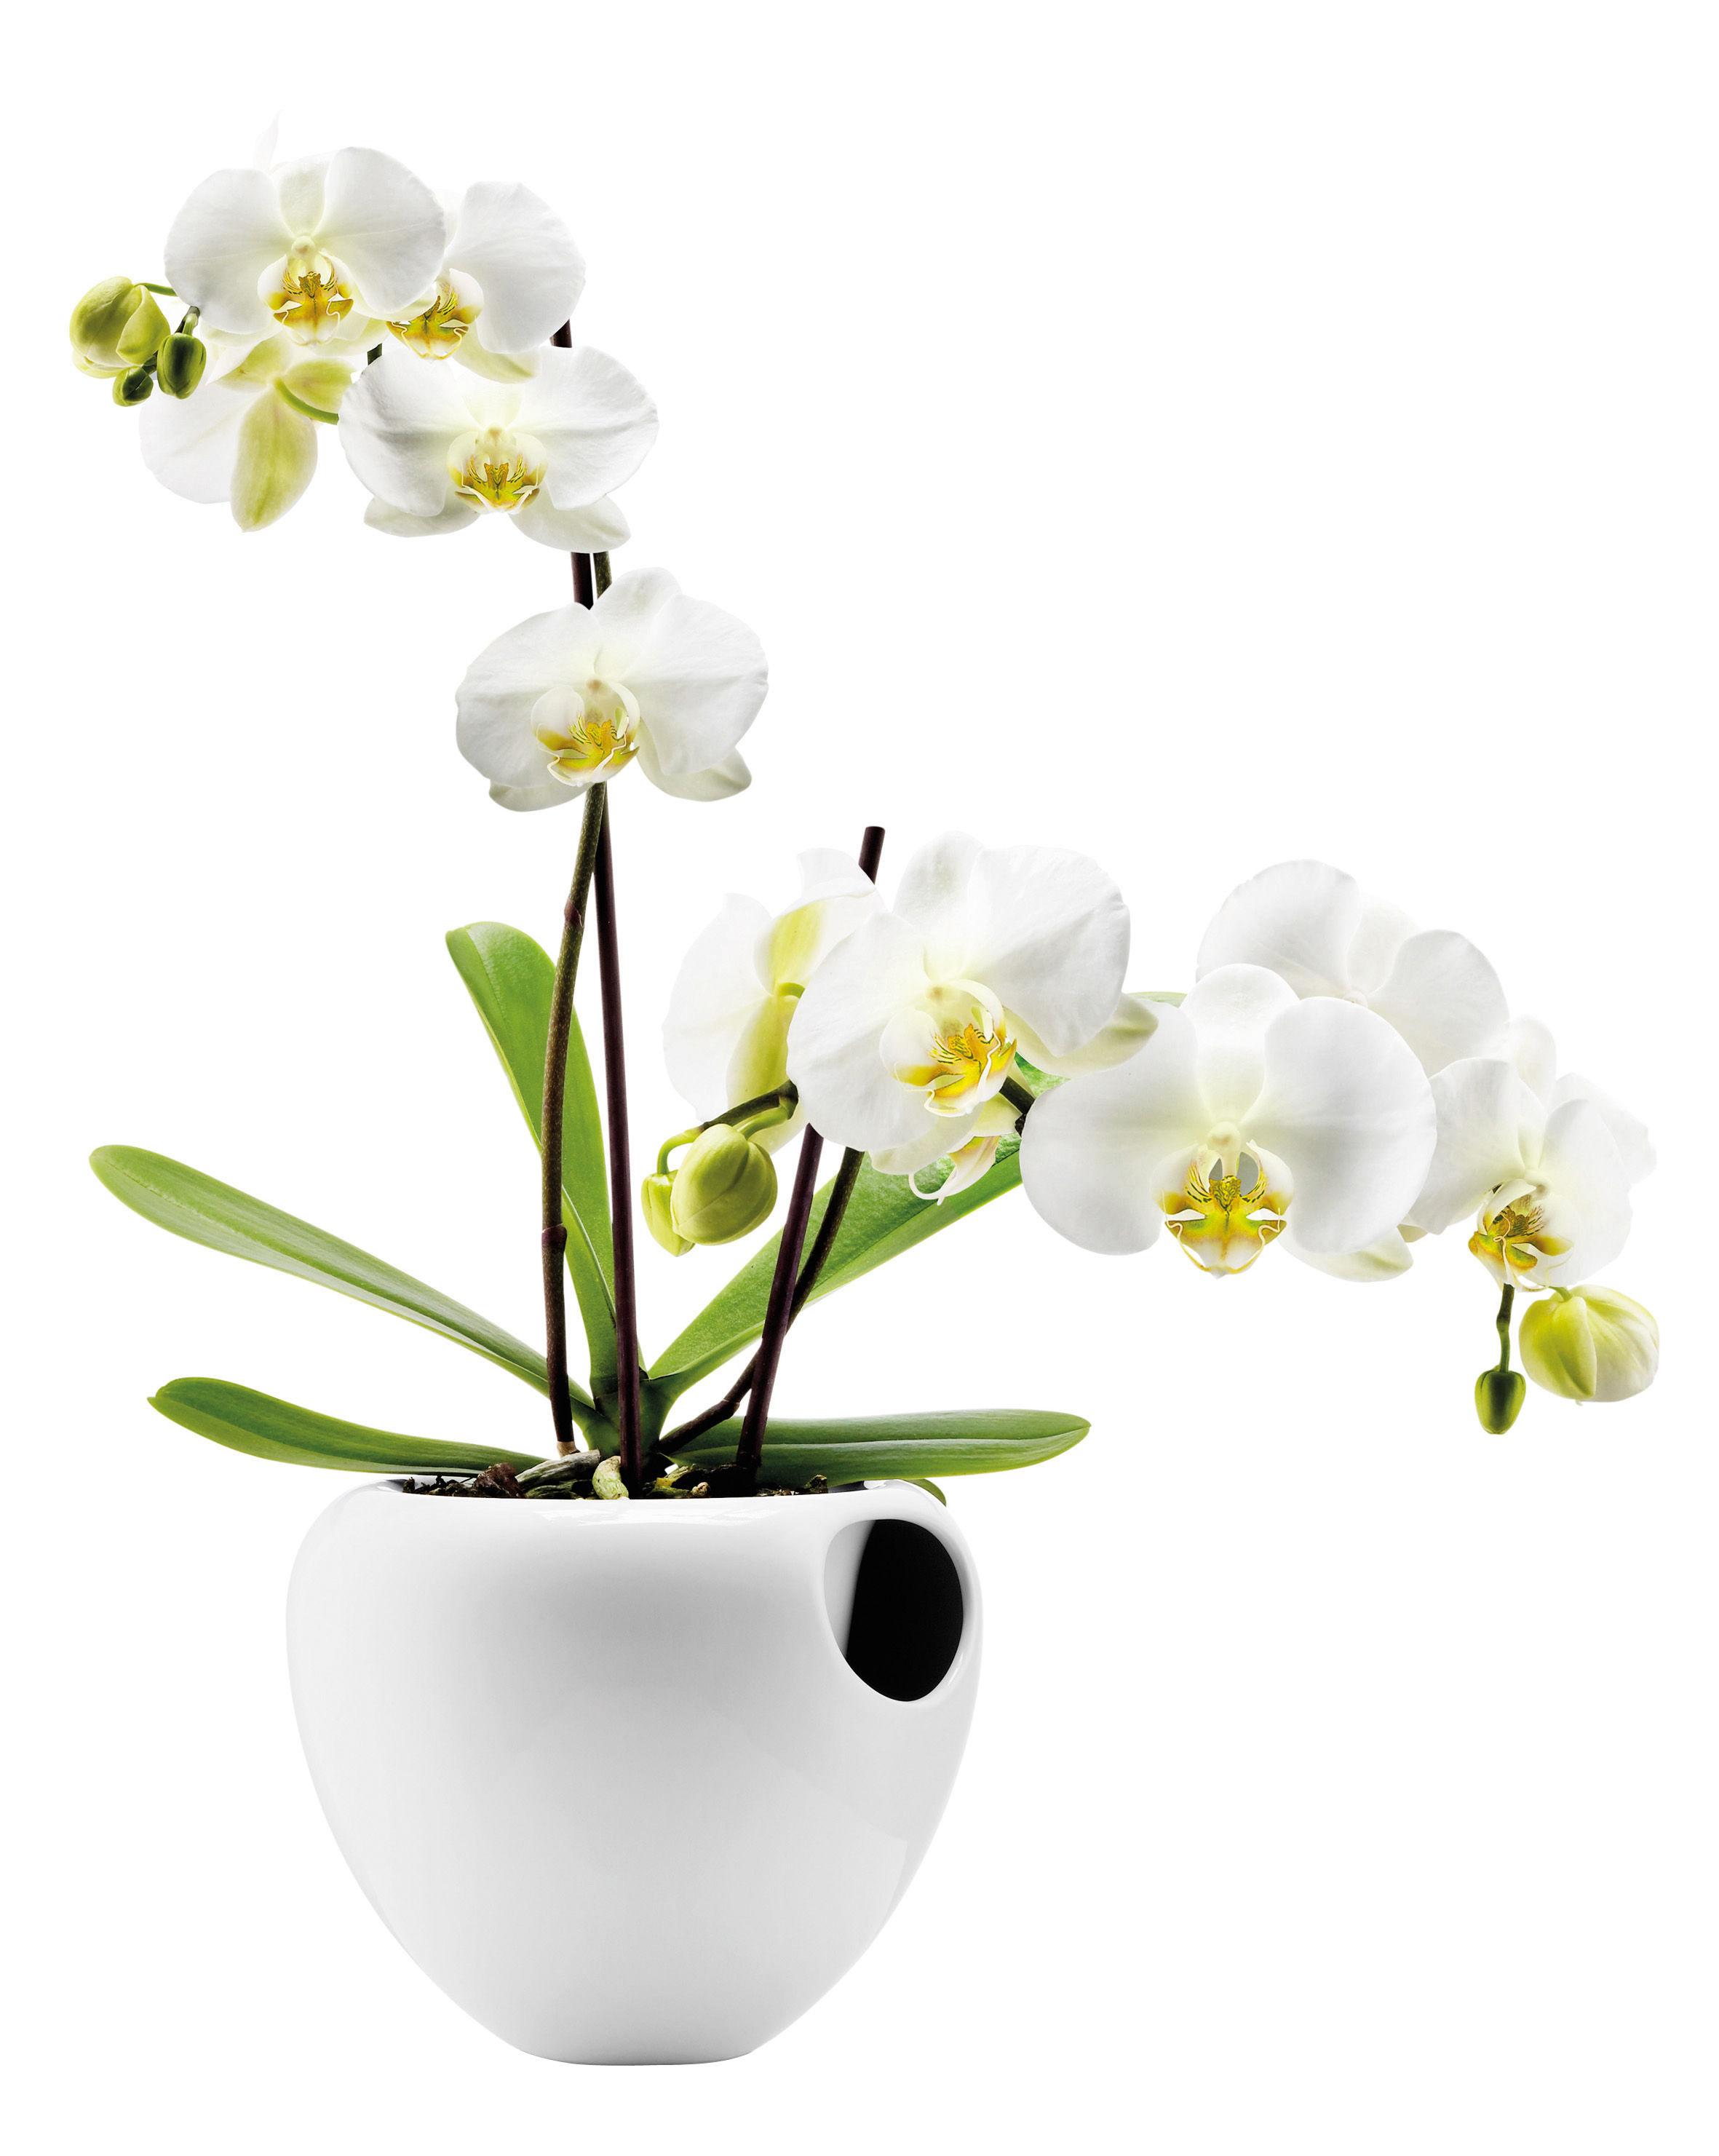 Jardin - Pots et plantes - Pot à réserve d'eau / Pour orchidée - Eva Solo - Blanc - Faïence